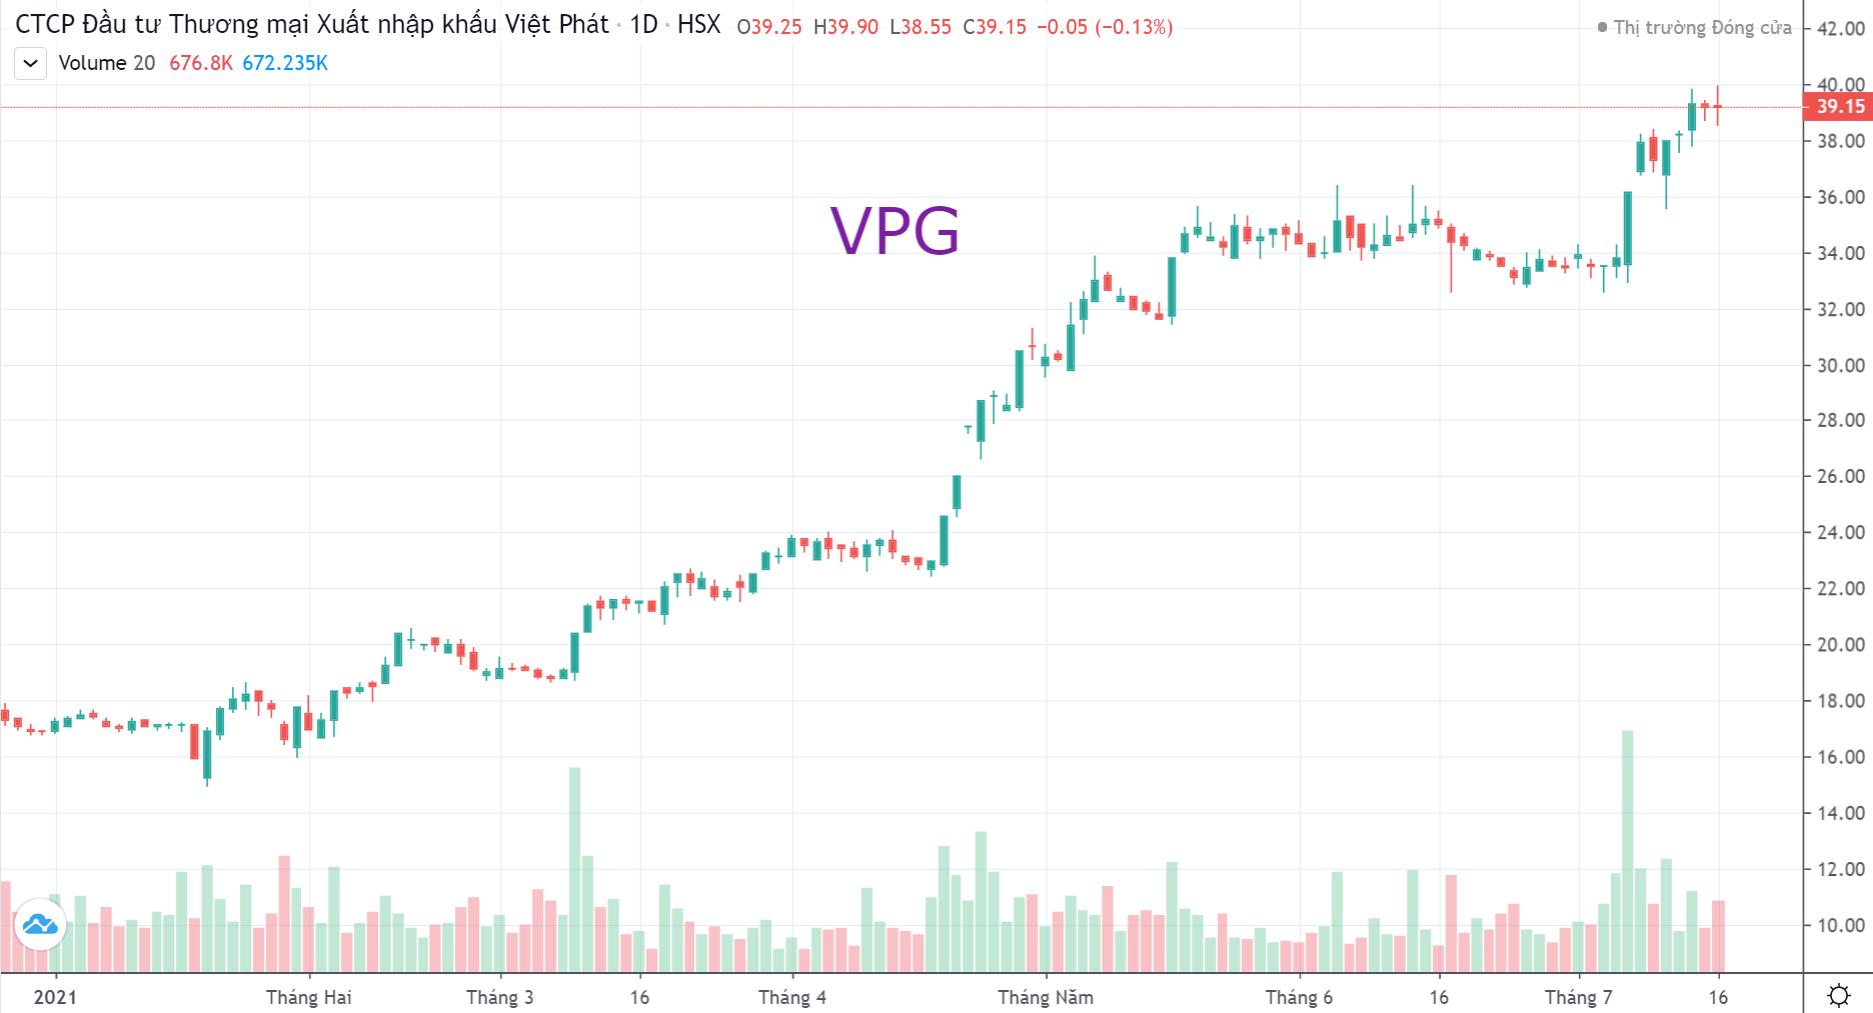 Viet Phat Group (VPG) – Tiếp tục ký các hợp đồng nhập khẩu lượng lớn than cốc, quặng sắt